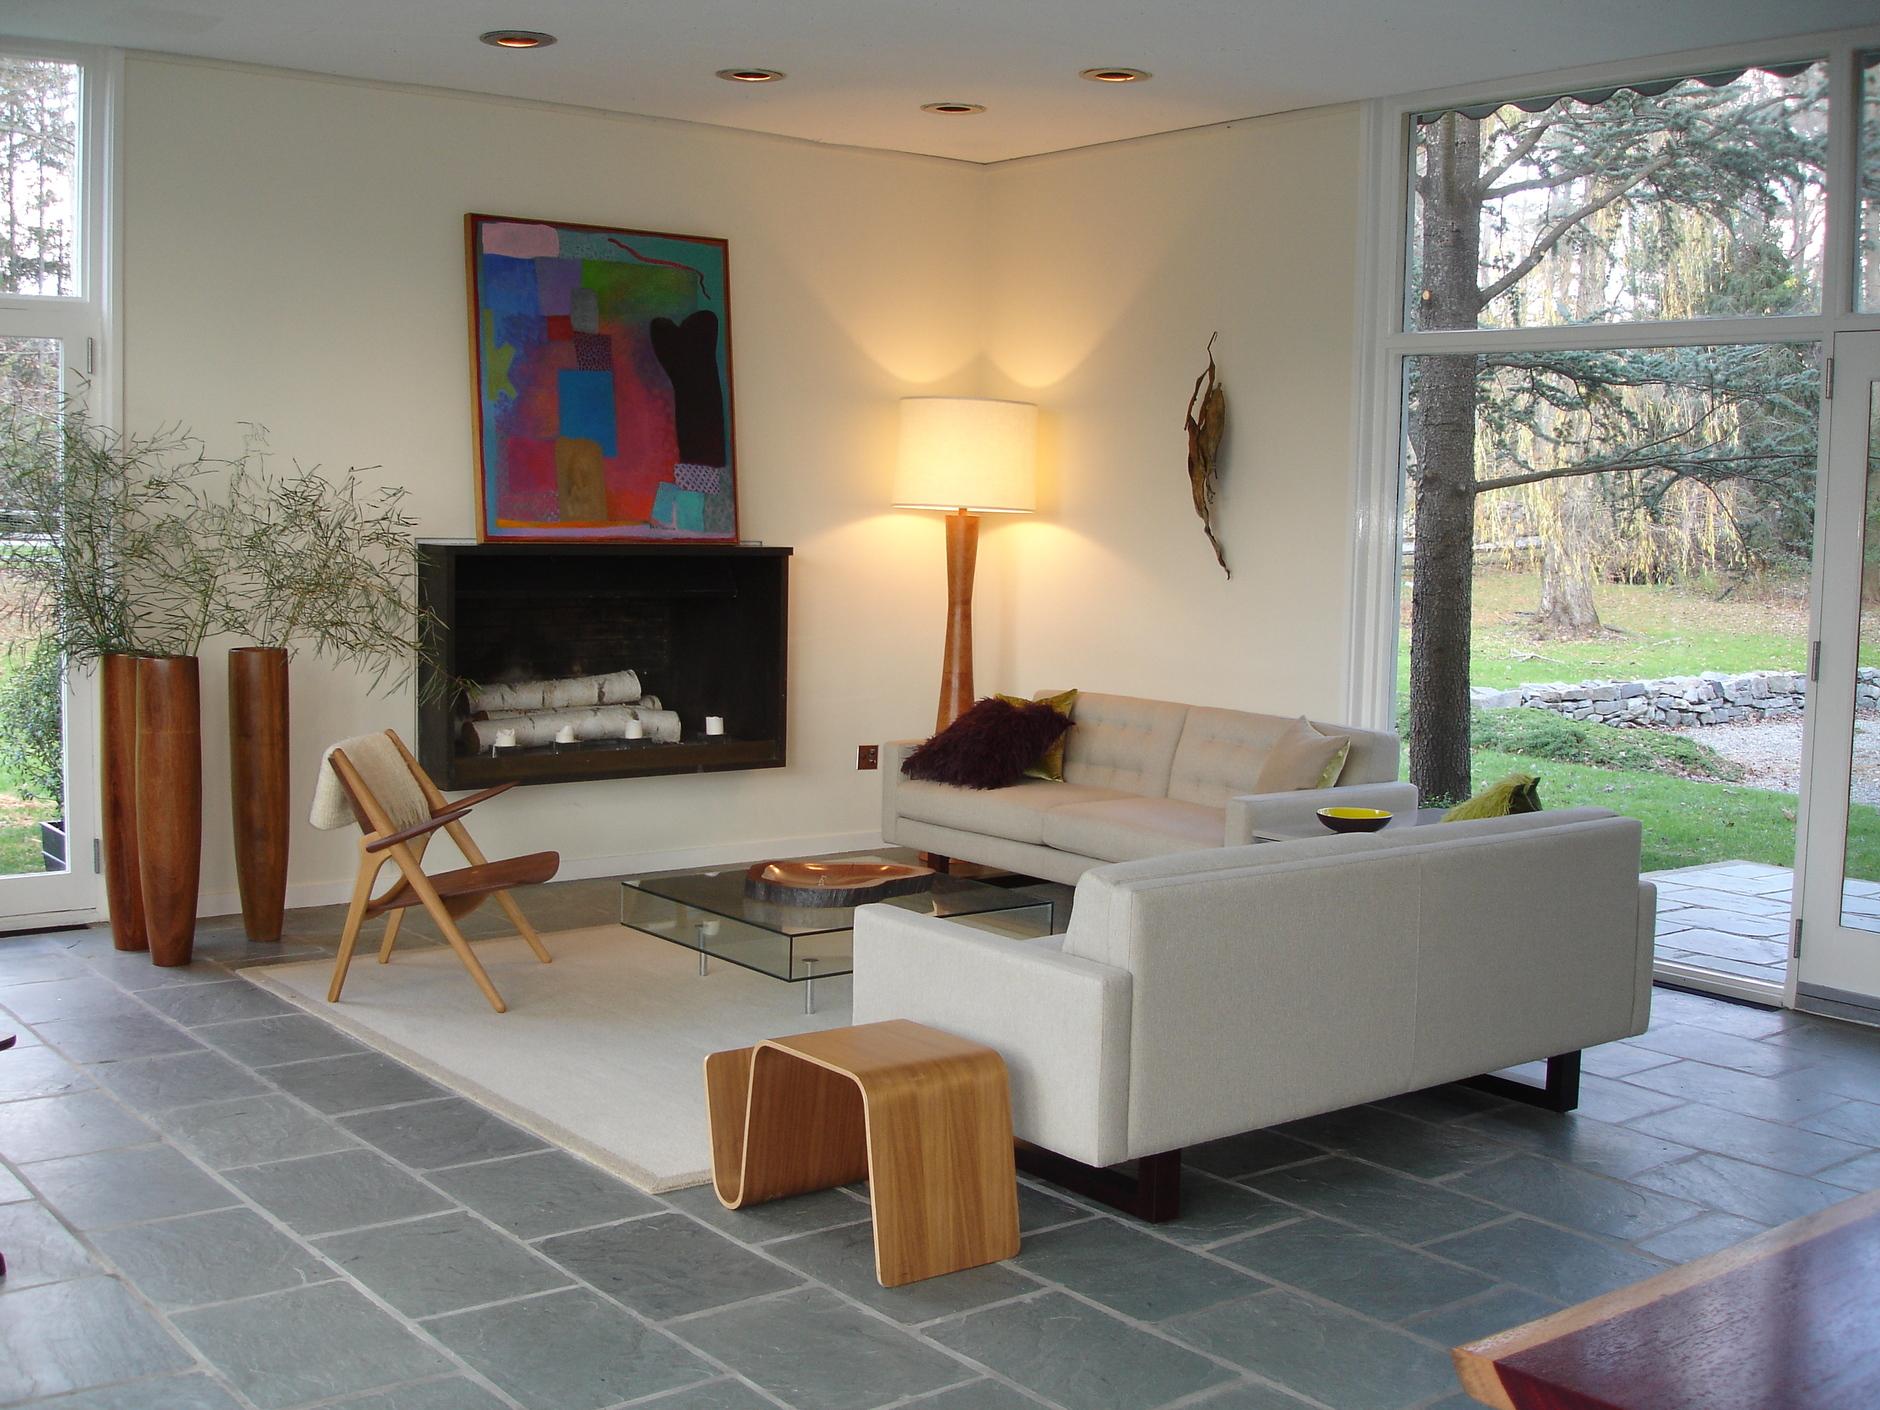 Продается дом архитектора Филипа Джонсона (галерея 6, фото 0)